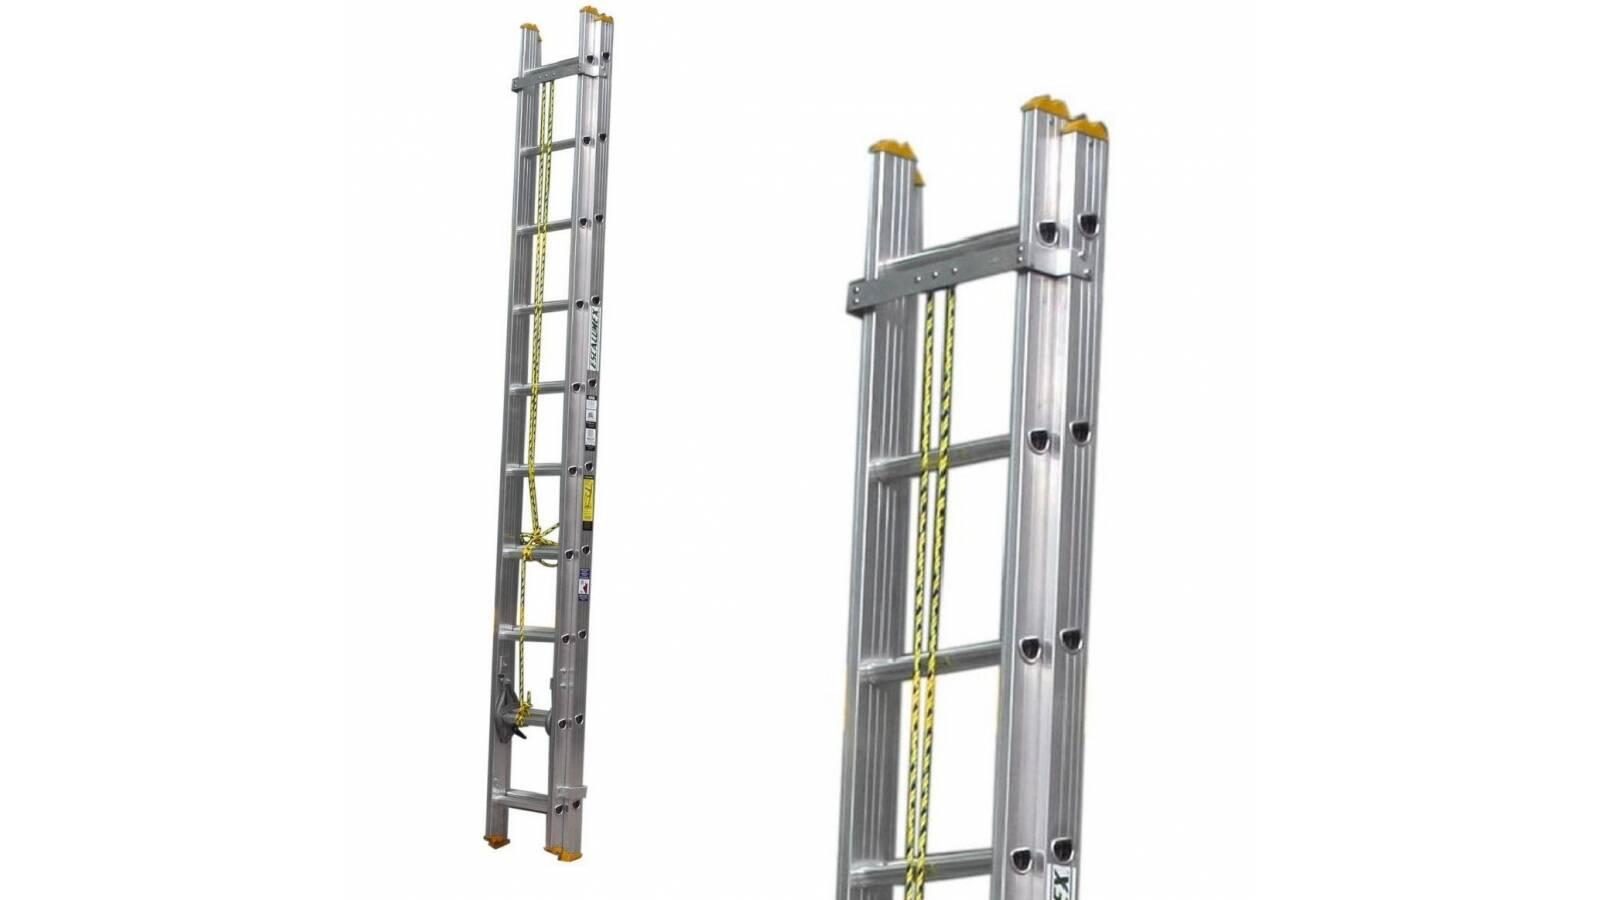 Escalera de extensión Escalumex 24 peldaños - Coliza